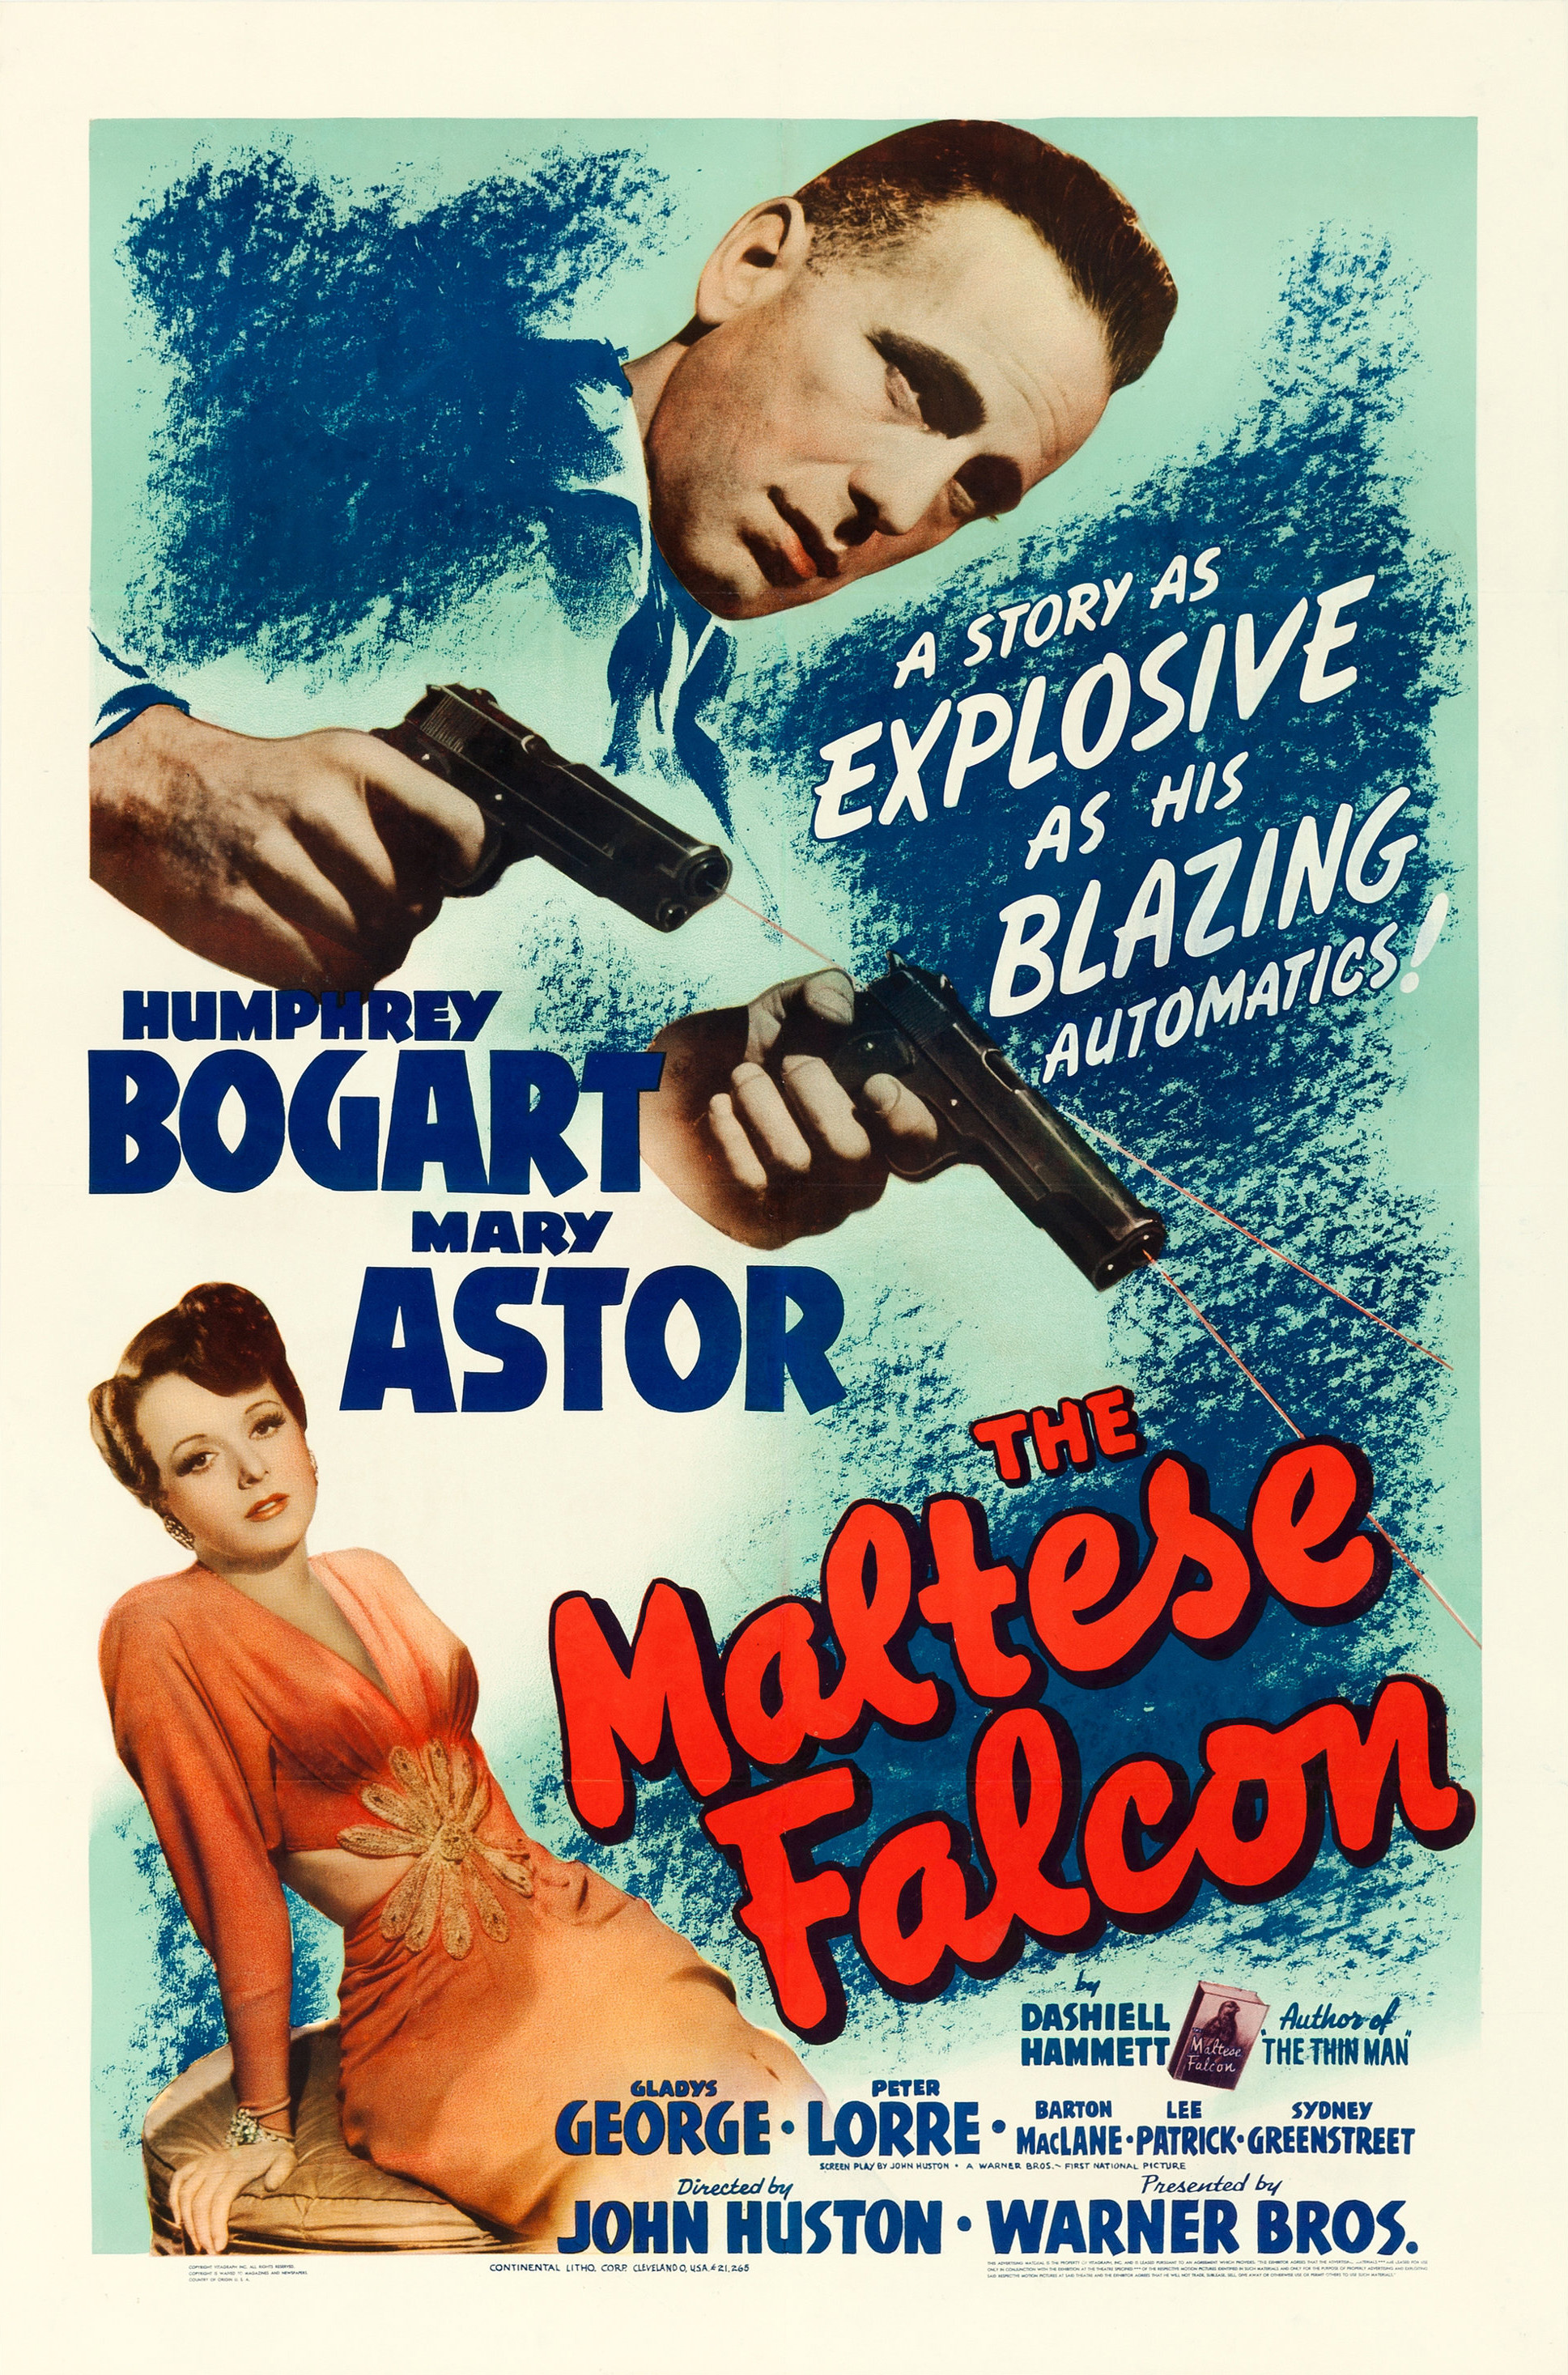 The Maltese Falcon (1941 film) - Wikipedia